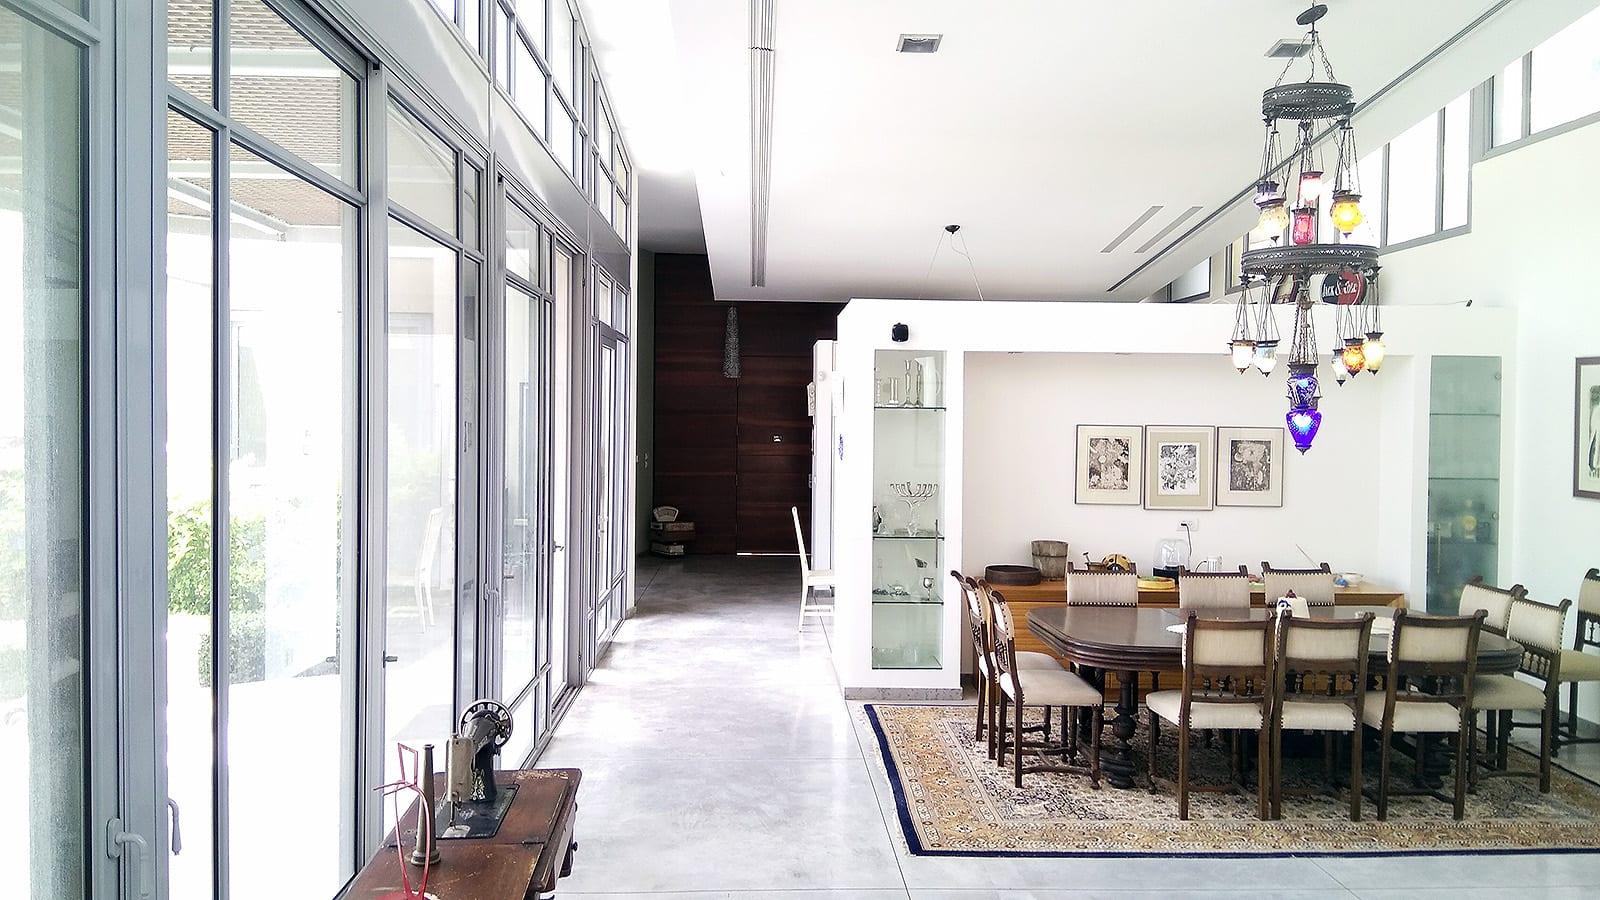 בית למכירה בהוד השרון על חצי דונם עח בריכה